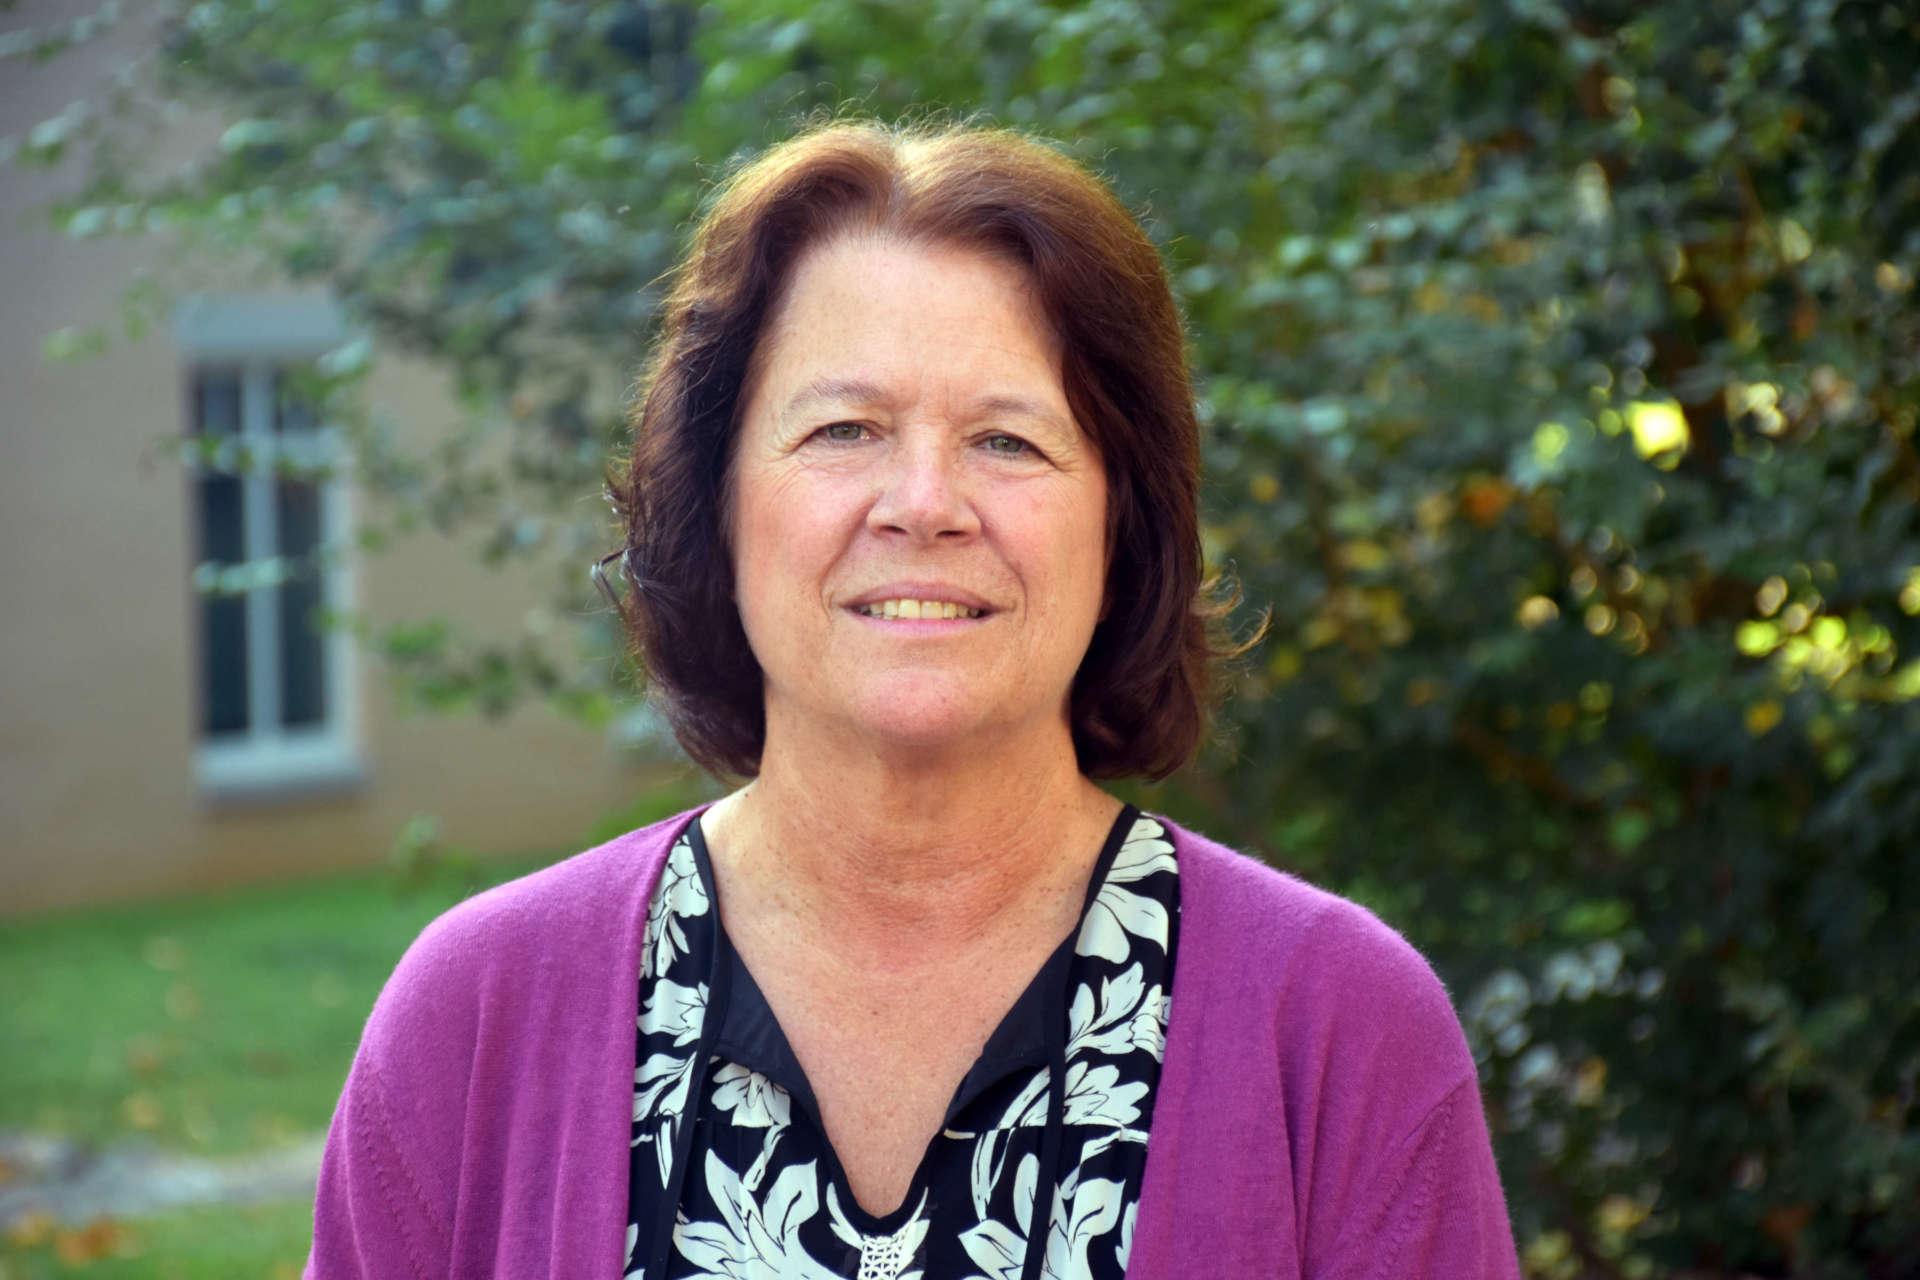 Dr. Kathleen Reid